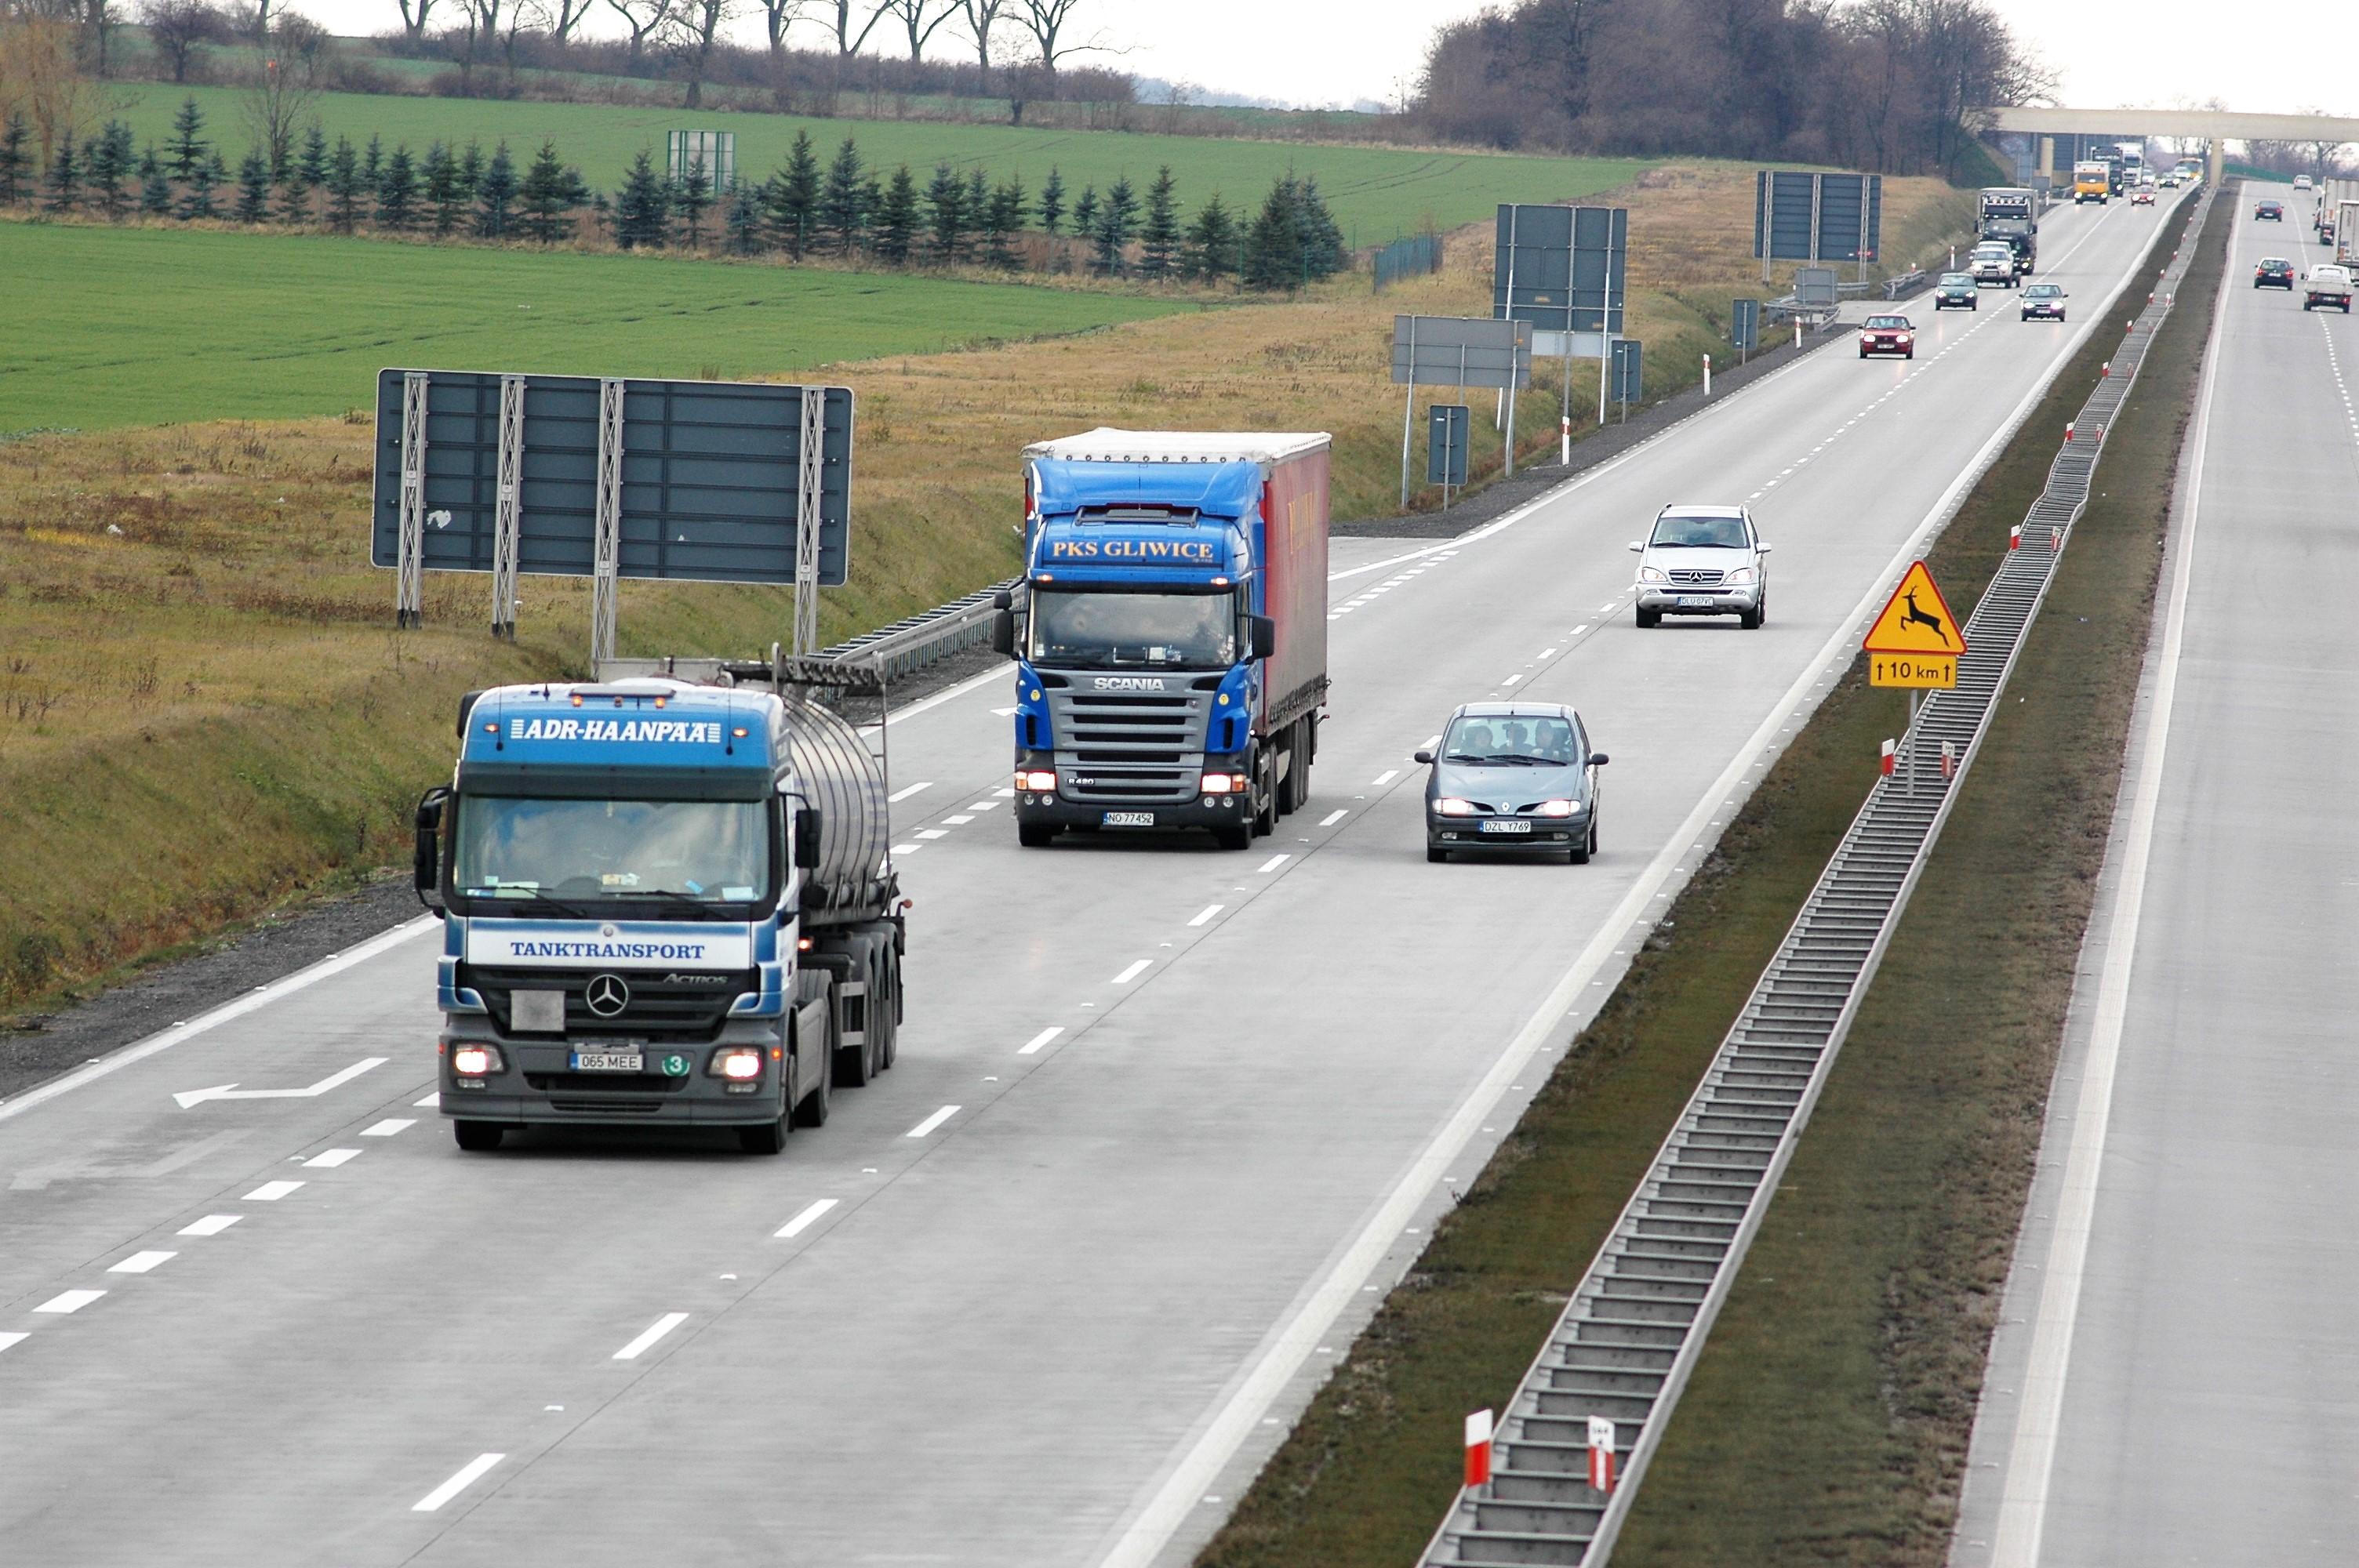 Stawki w transporcie drogowym rosły w I kwartale 2021 r. Zobacz, na których trasach najbardziej